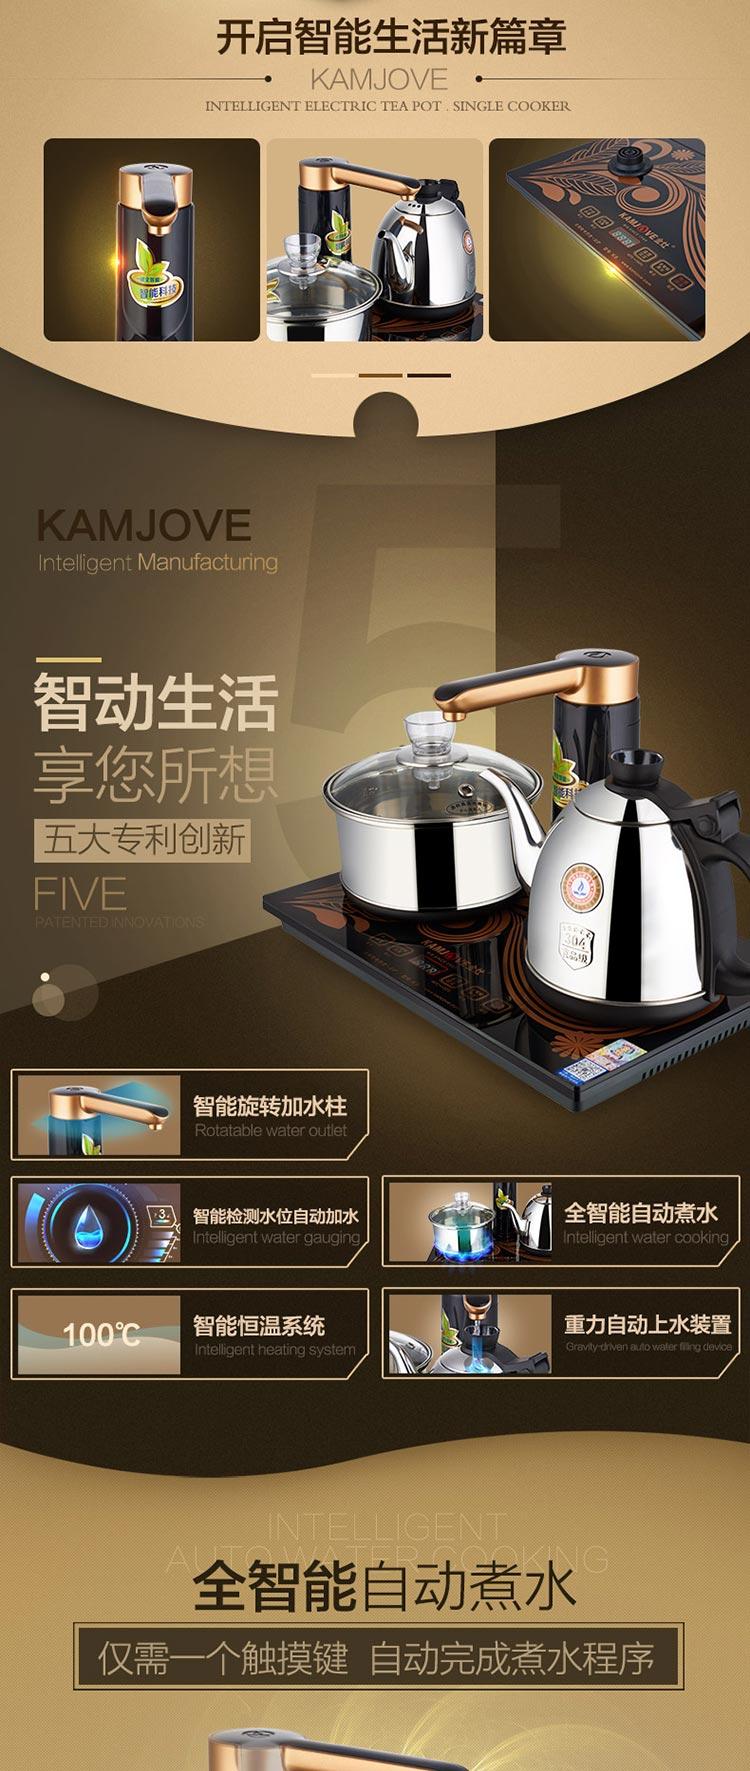 K8详情页【添加进水管】_02